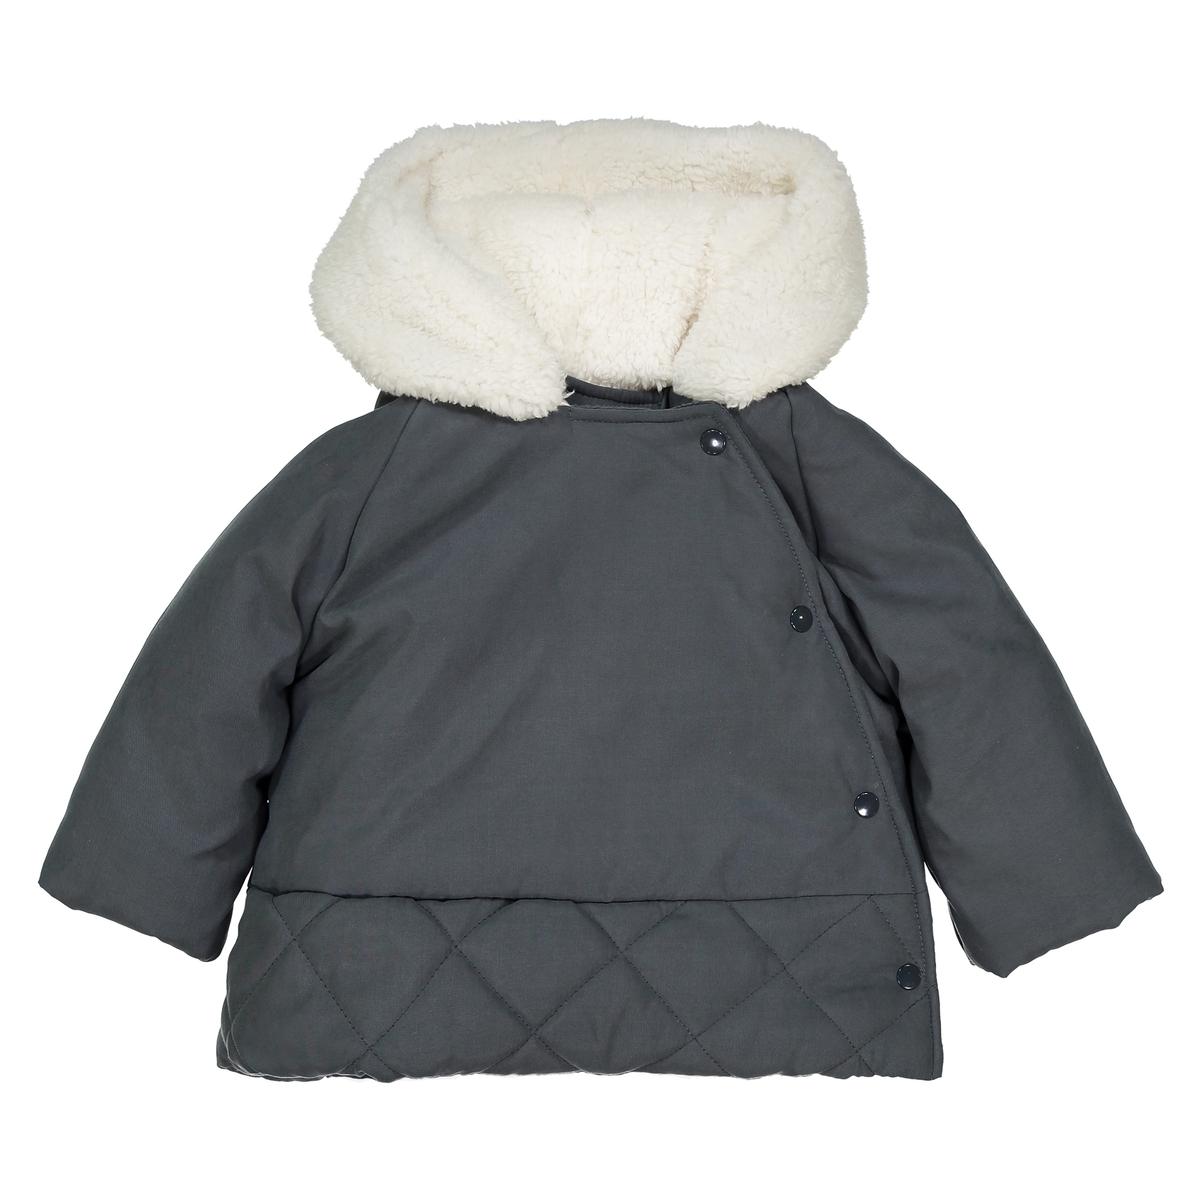 Куртка с капюшоном из искусственного меха, 1 мес. - 3 года цена